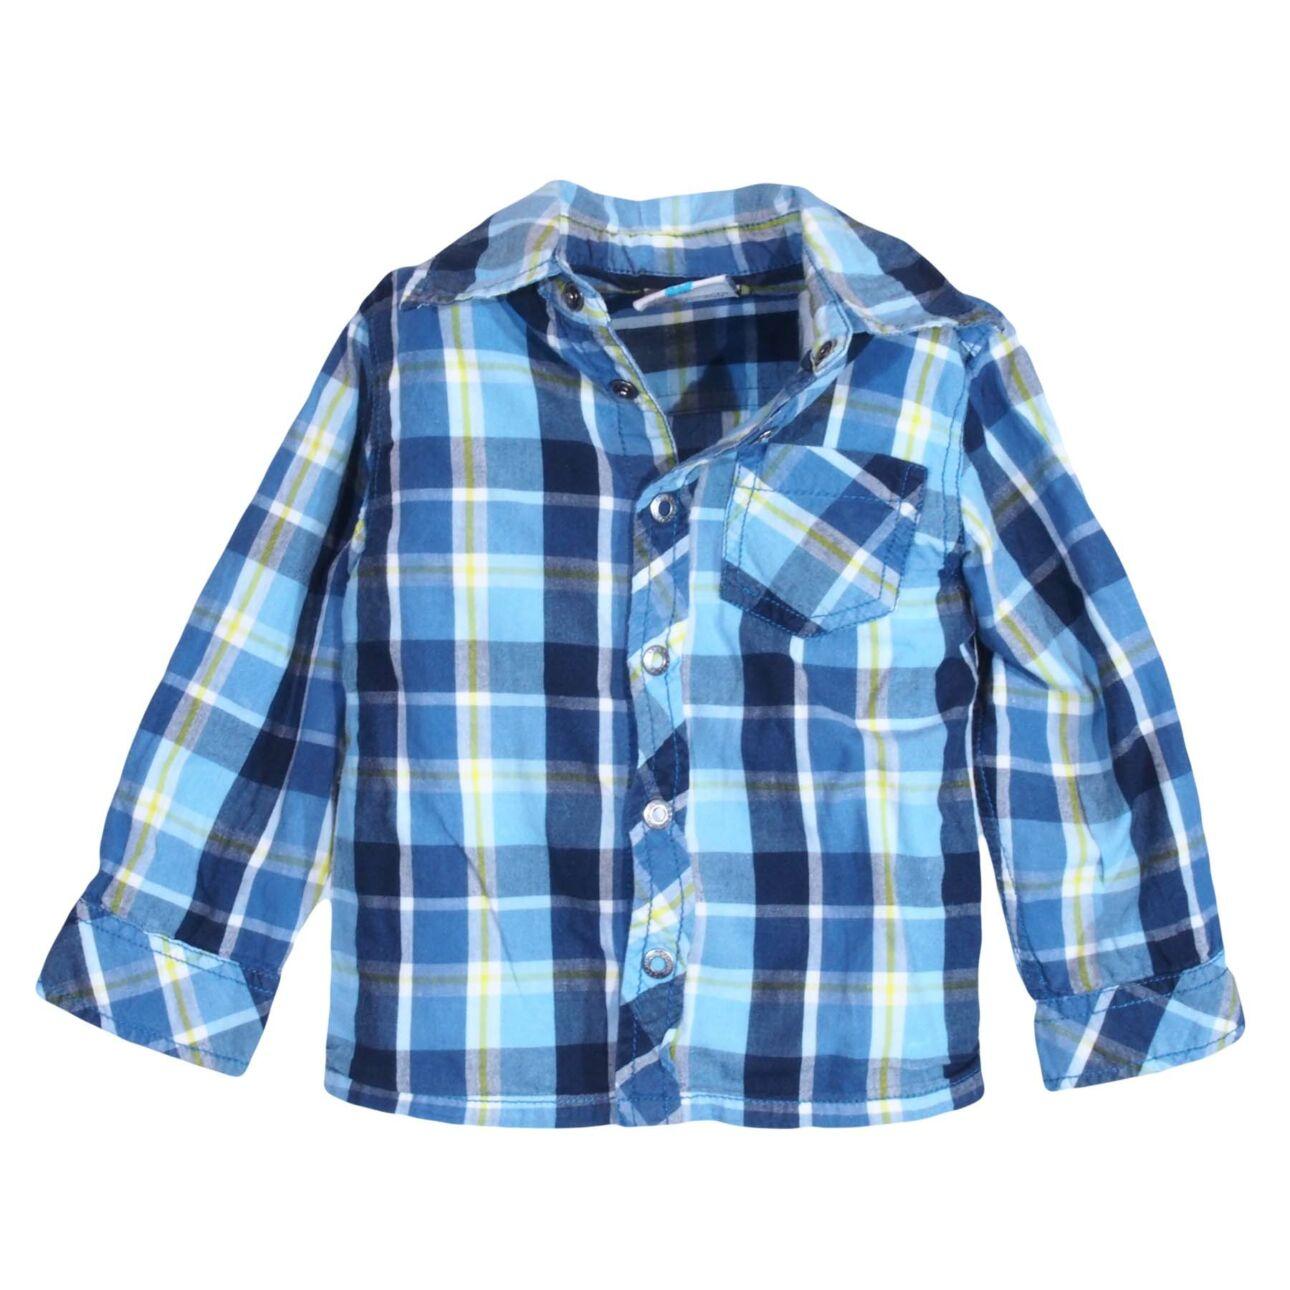 Kék kockás feliratos ing (80-86)